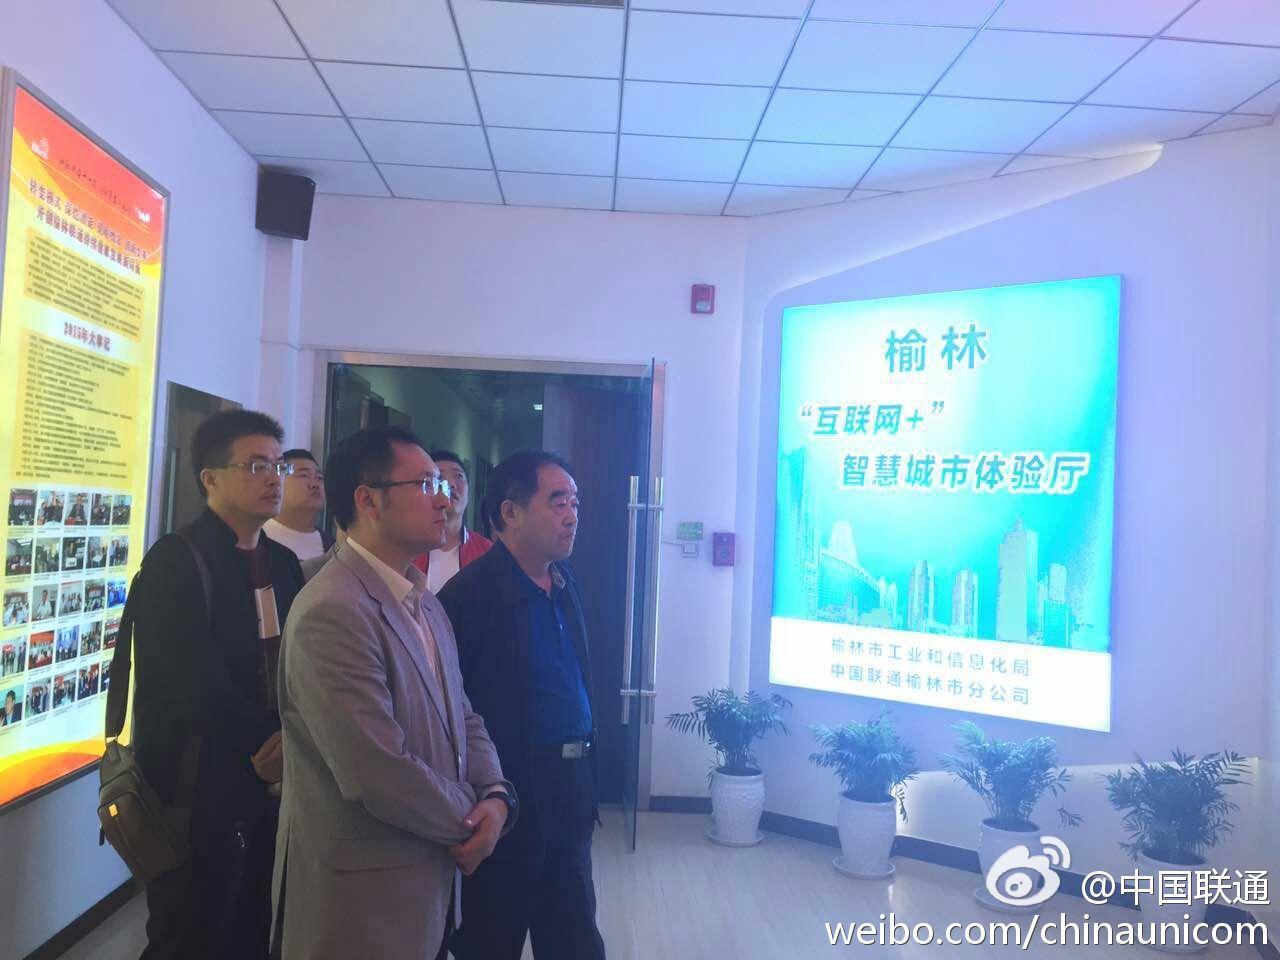 陕西联通搭建城市网格化管理平台